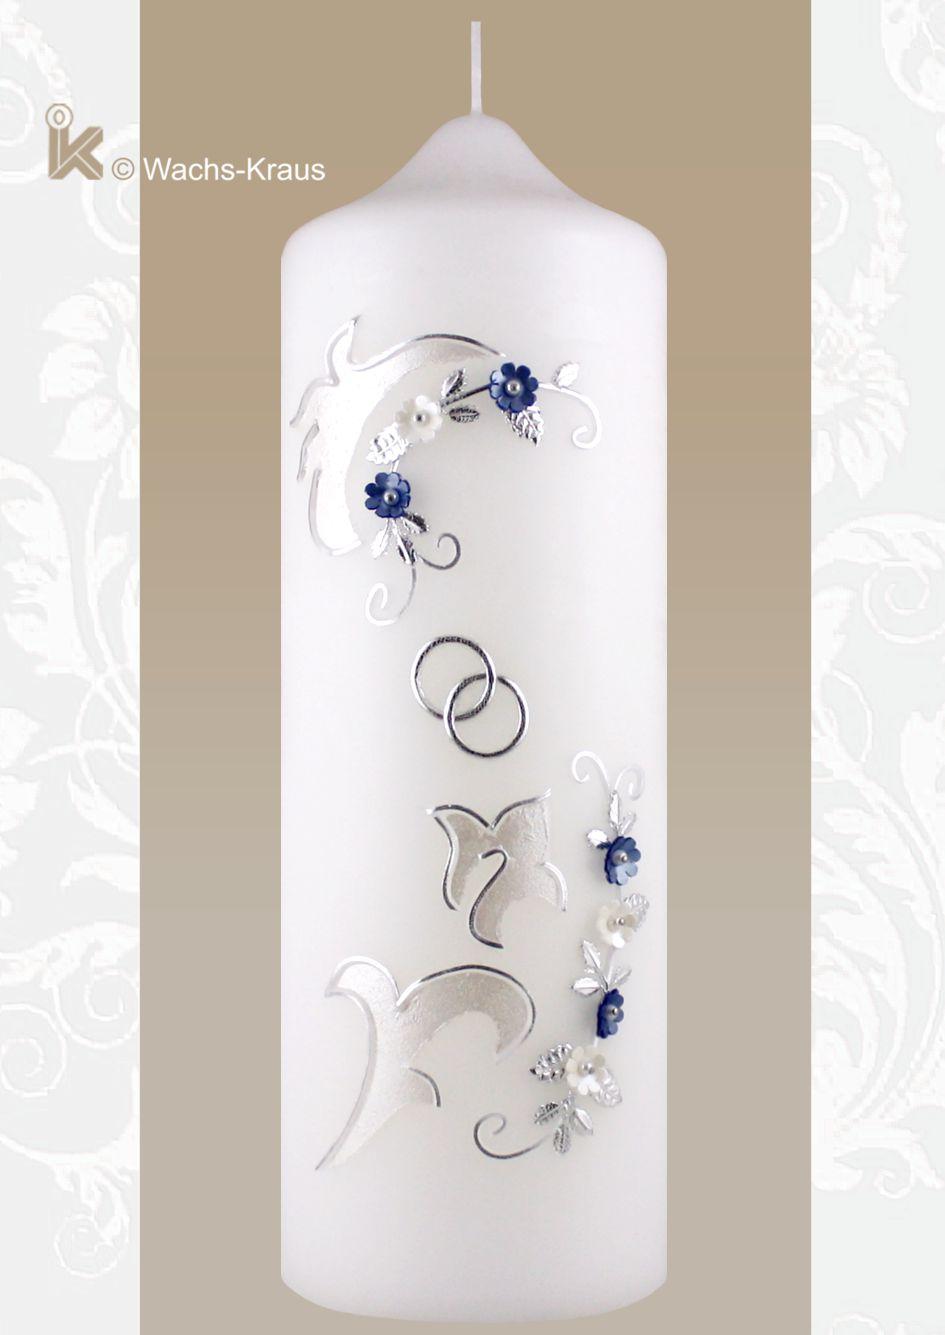 Hochzeitskerze Vintage Style, Verzierung in siber und blau